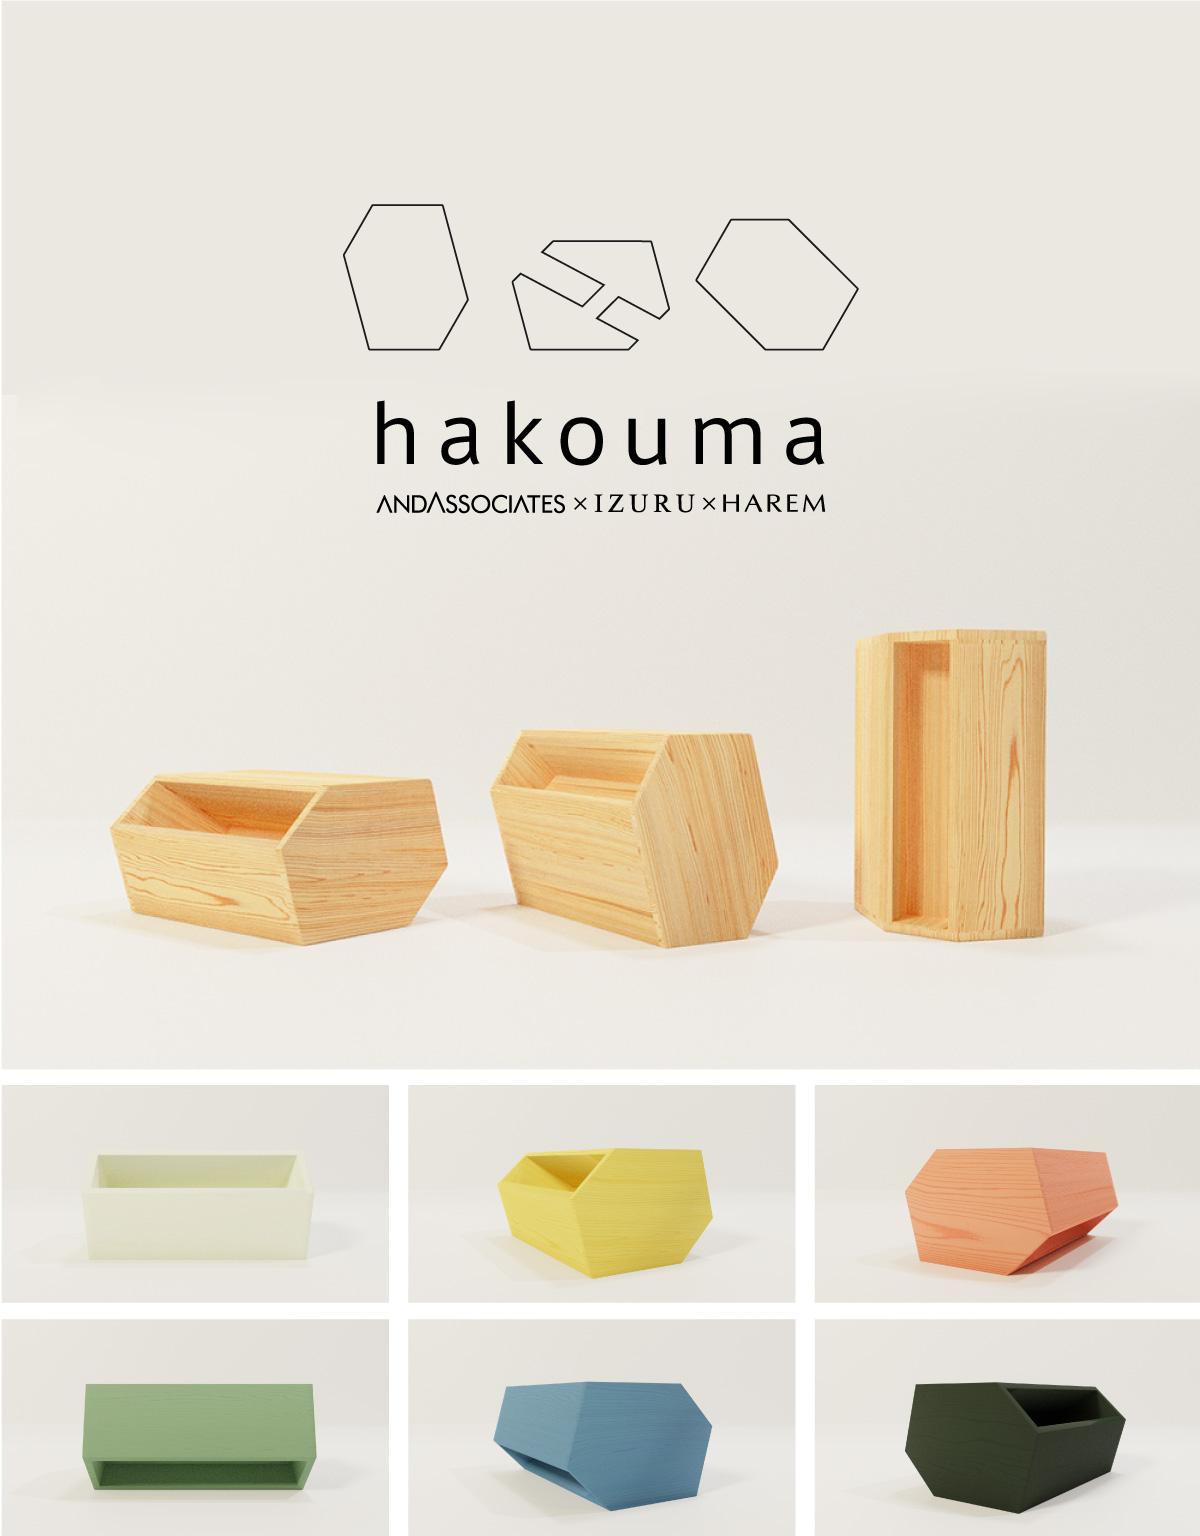 【吉野杉100%のハコ家具】吉野杉無垢材を使用したスタイリッシュでフレキシブルなインテリアhakoumaをMakuakeにて12月1日より先行販売開始します。